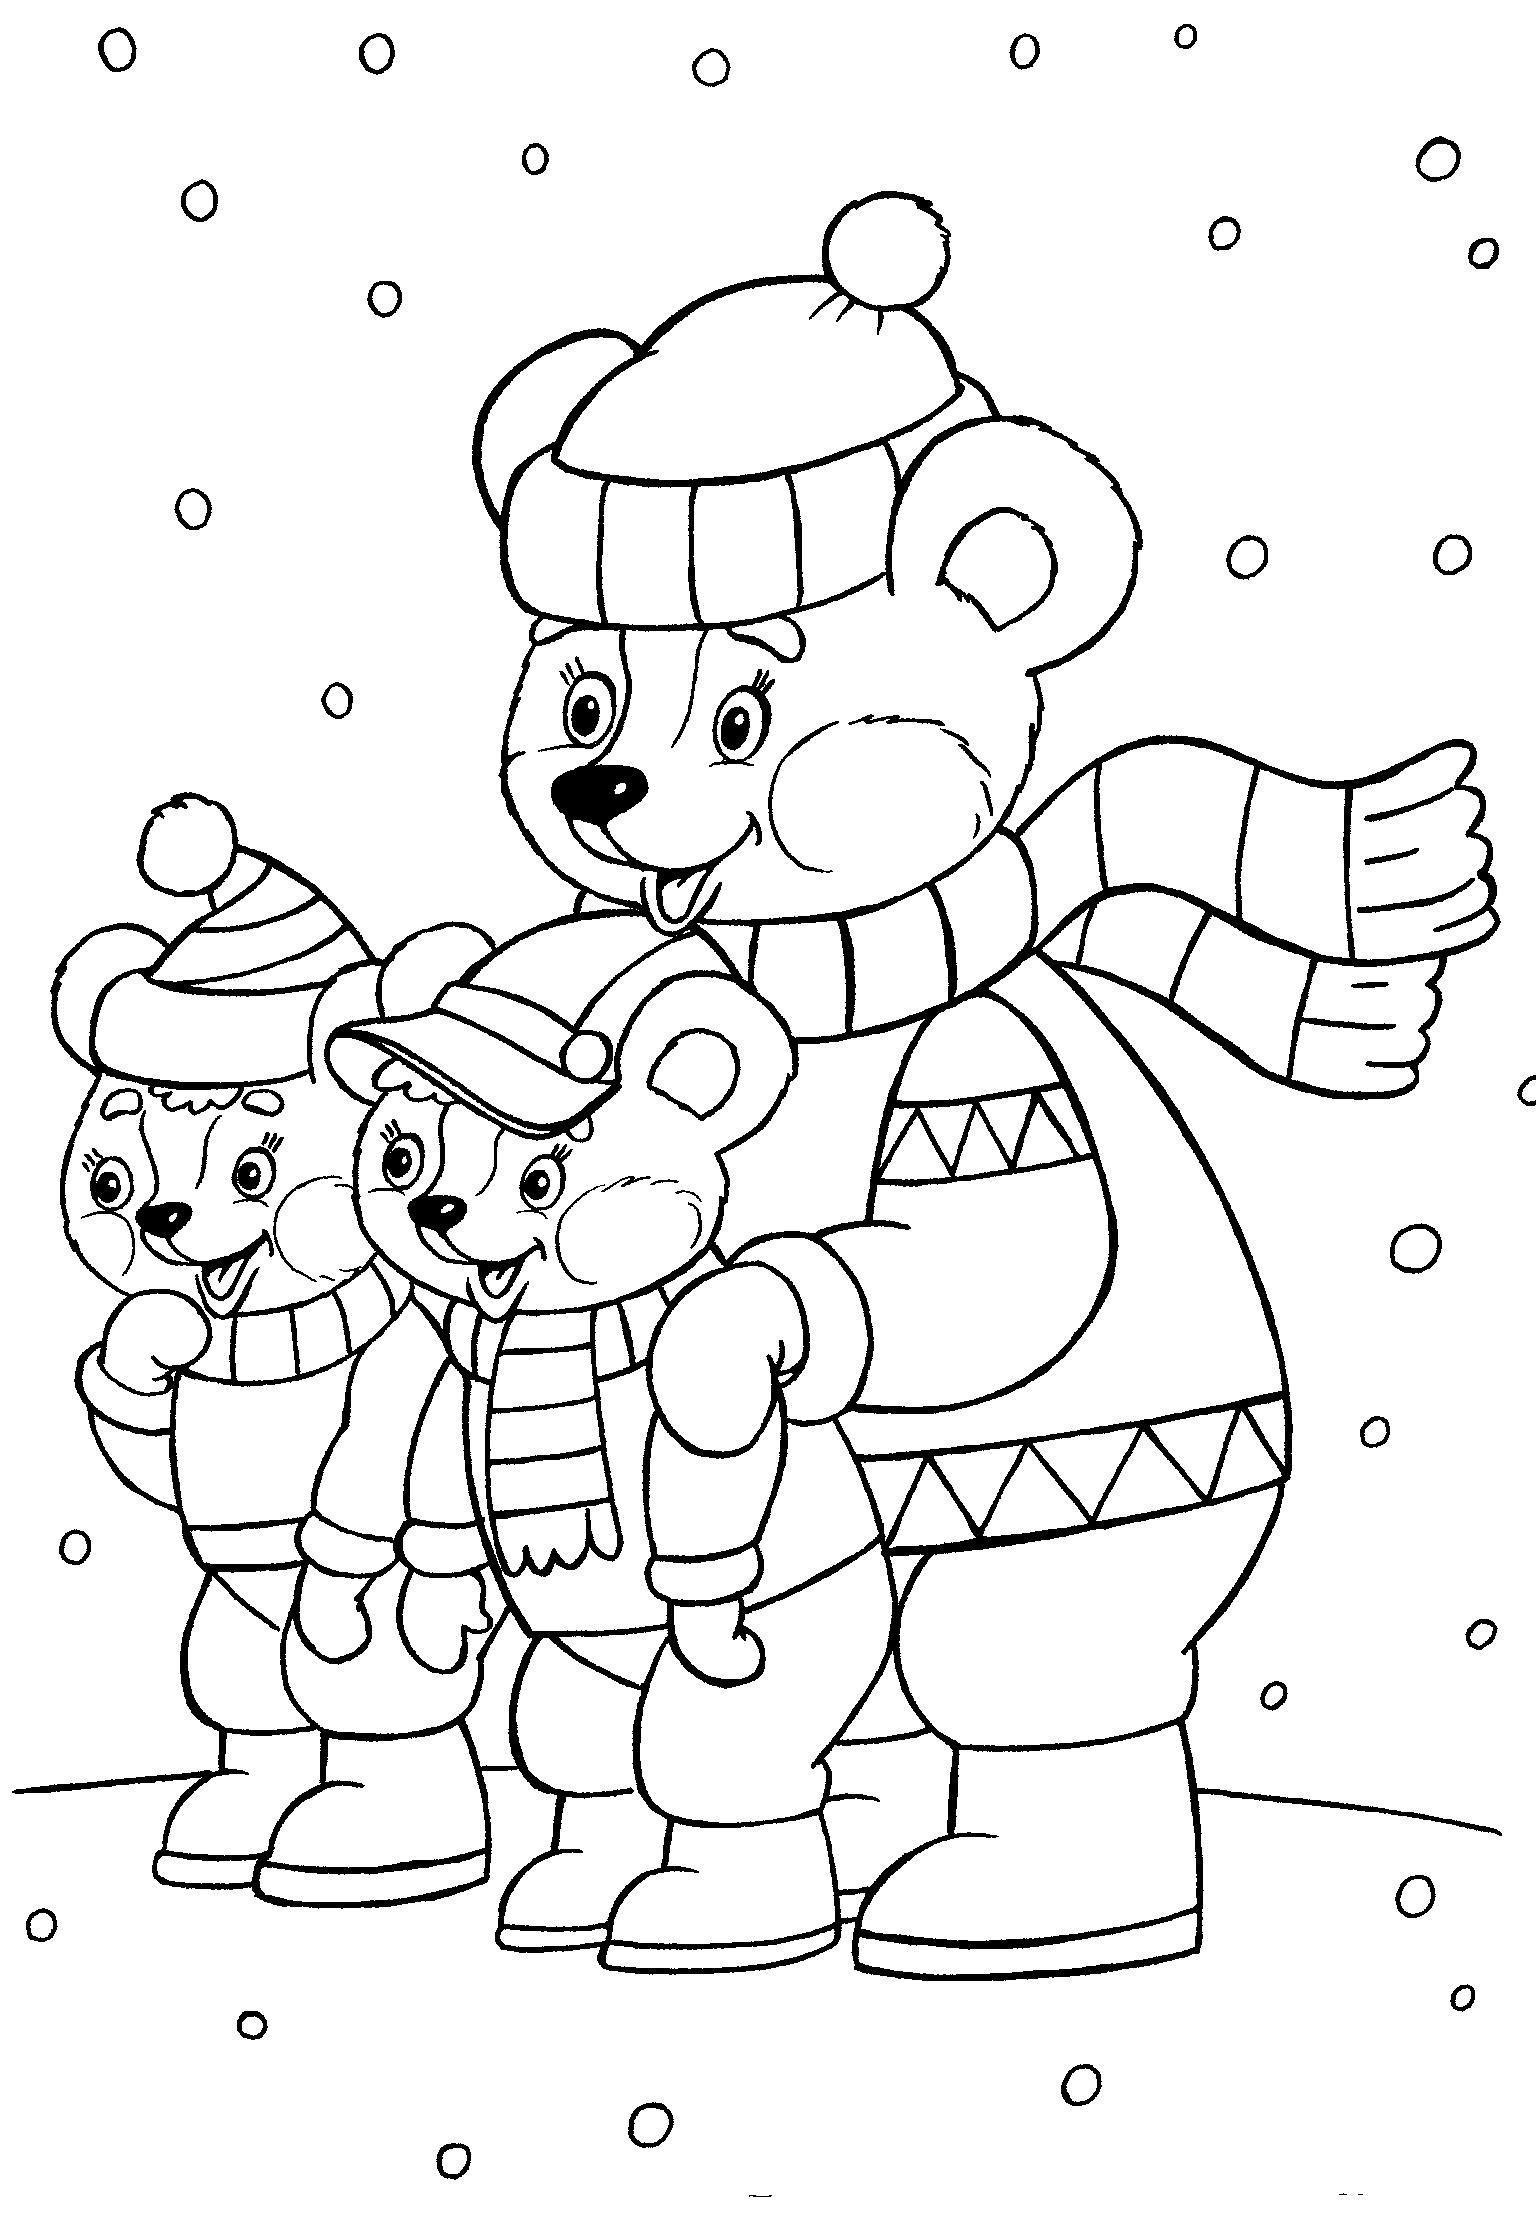 Раскраски для детей - Дед мороз и новый год. | Раскраски ...